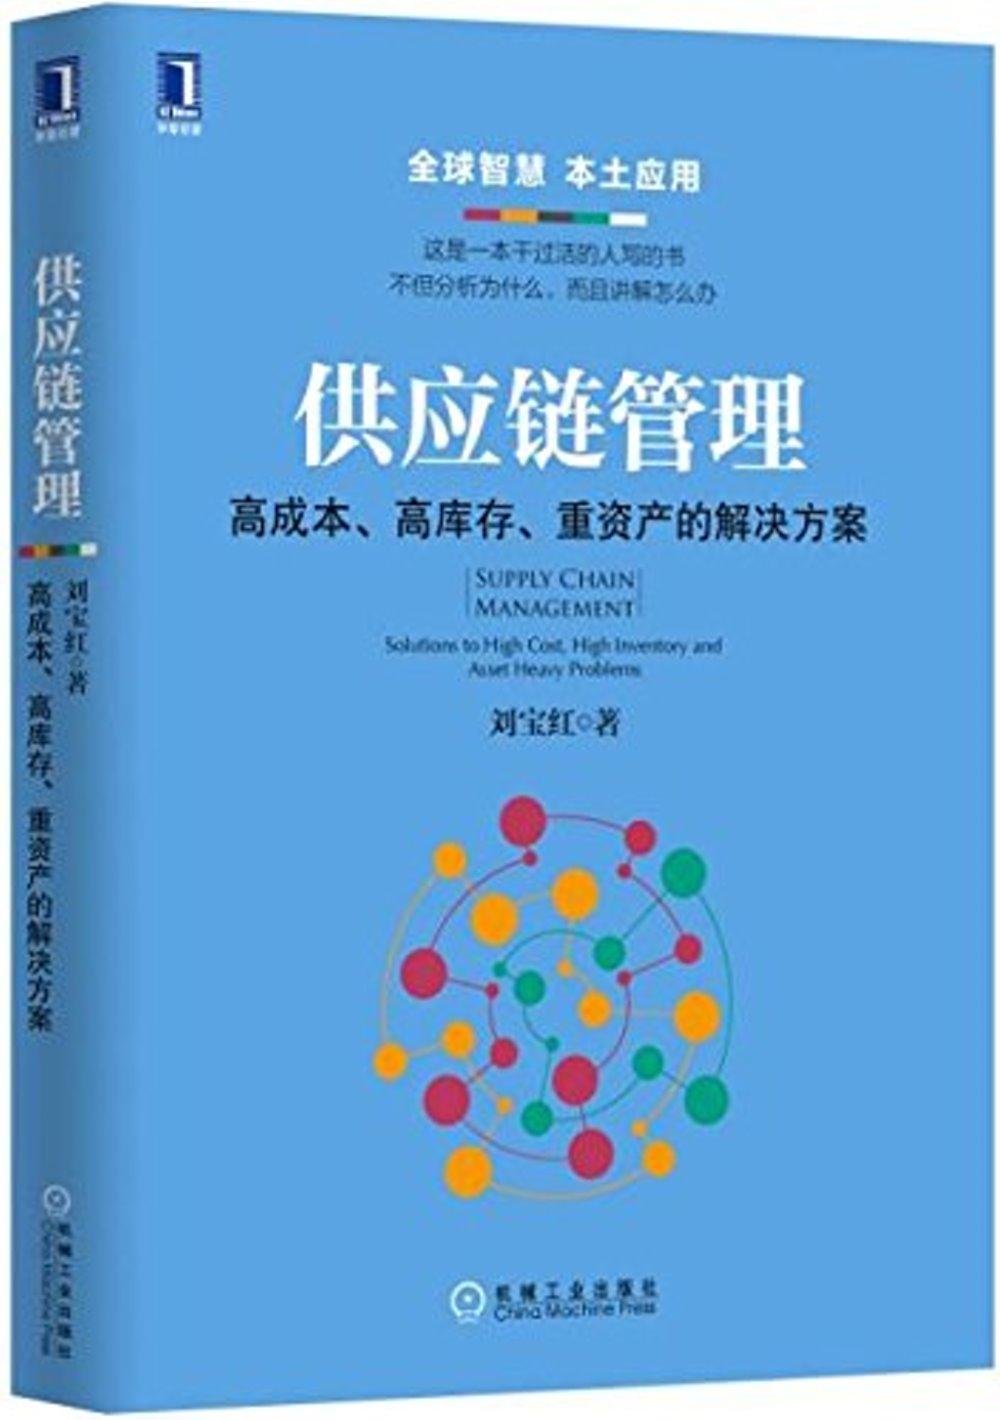 供應鏈管理:高成本、高庫存、重資產的解決方案